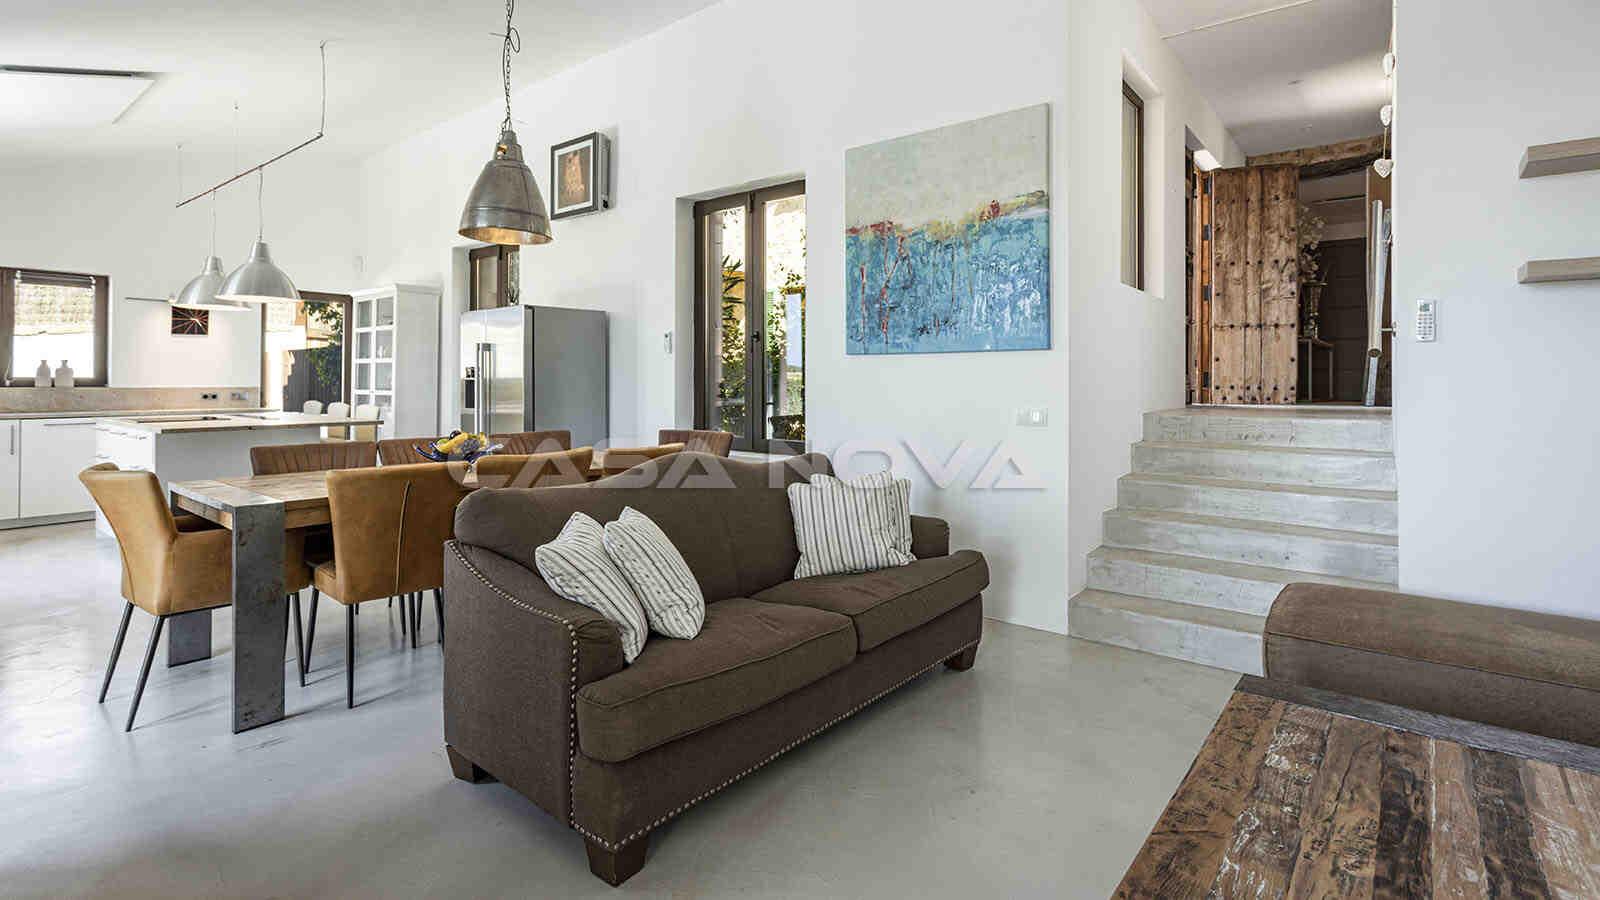 Großer Wohn/ Essbereich mit rustikalen Elementen